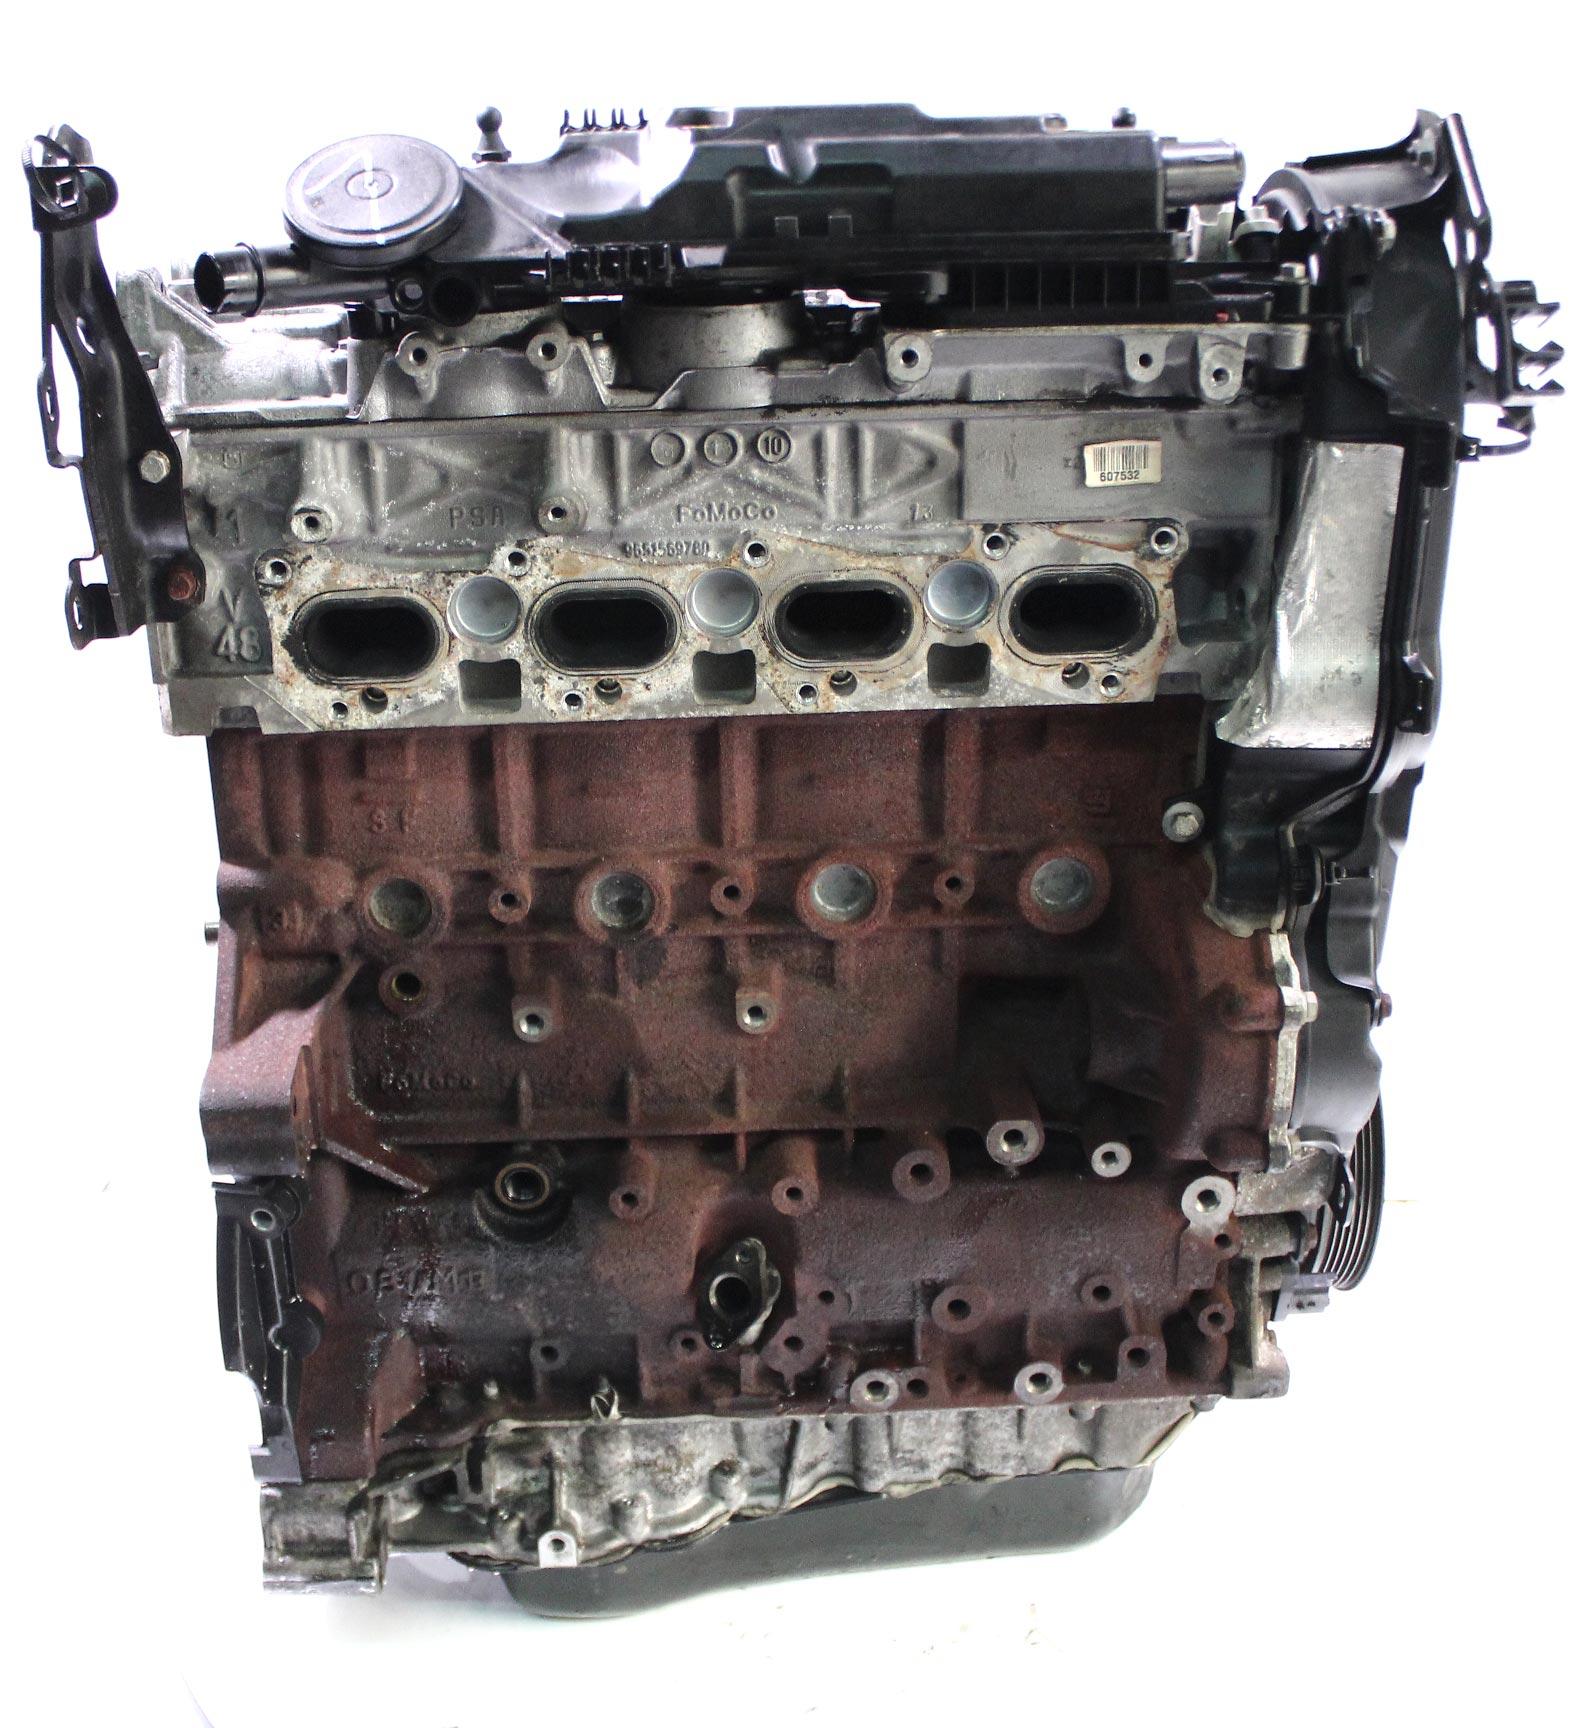 Motor 2014 Ford S-Max Galaxy WA6 2,2 TDCi Diesel KNWA